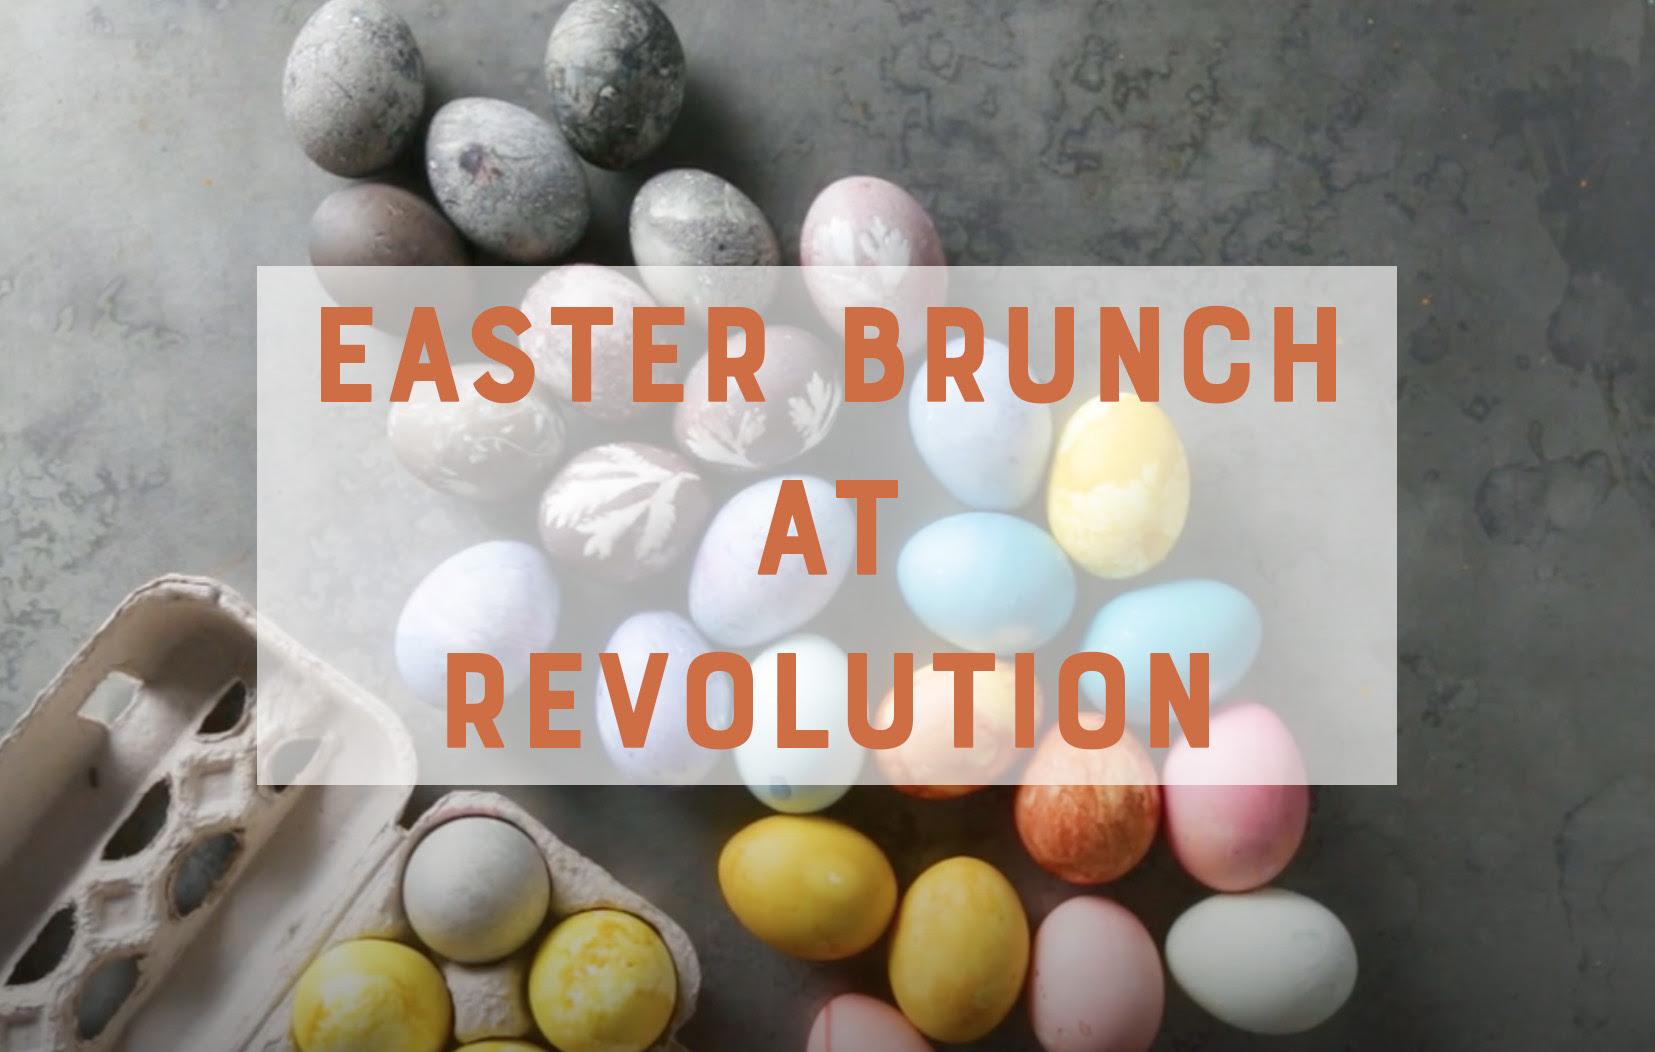 Easter Brunch at Revolution